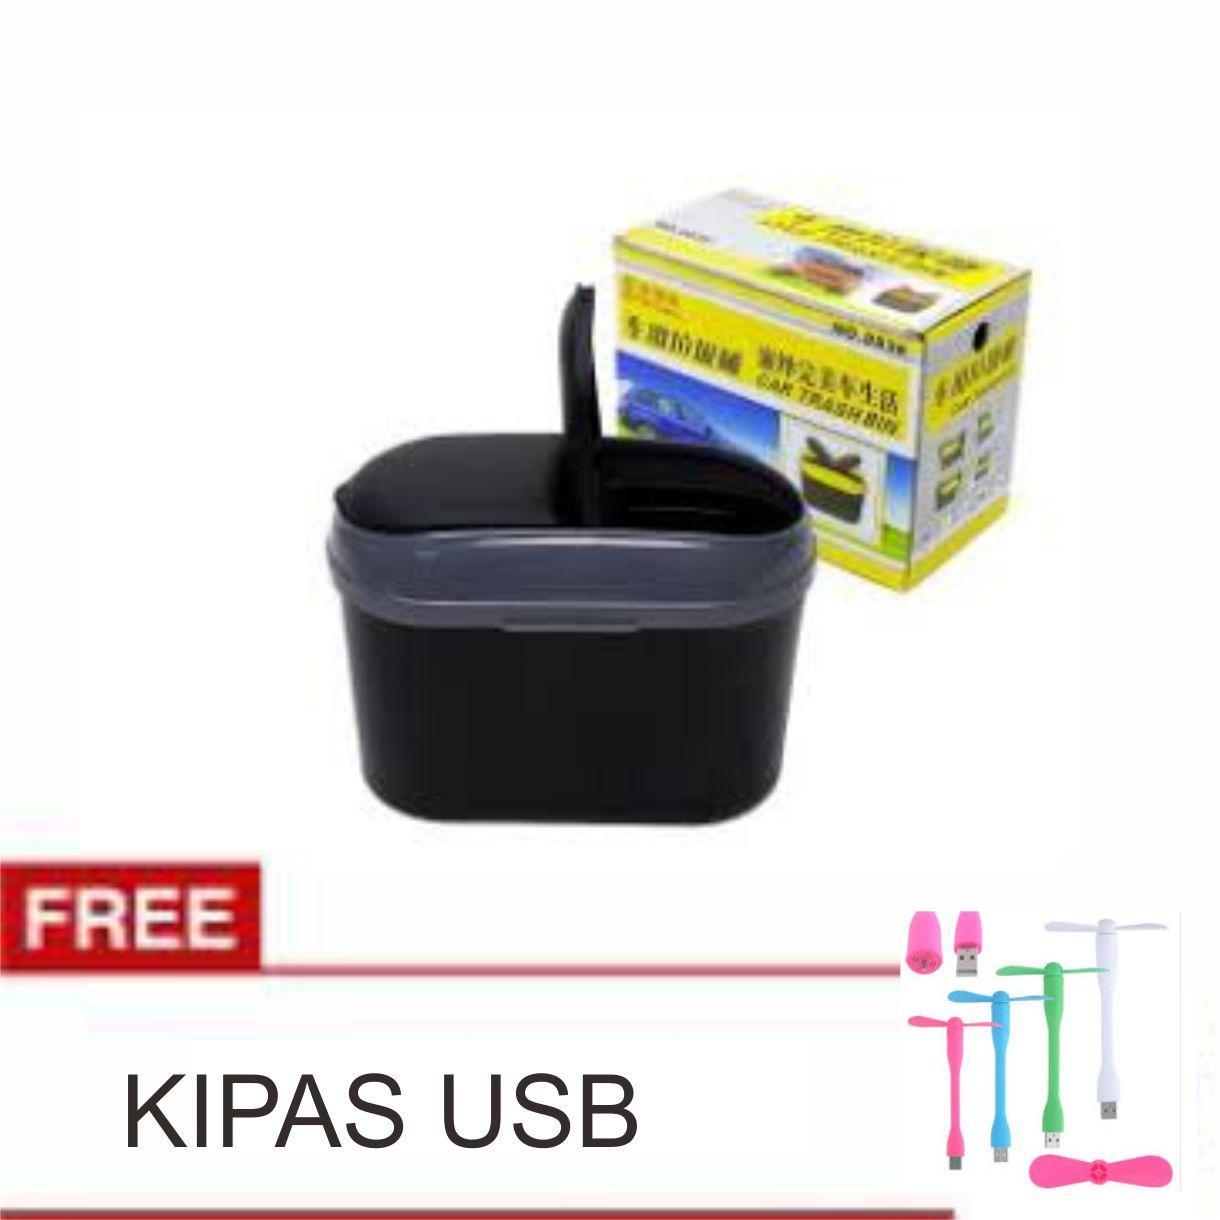 Lanjarjaya Tempat Sampah Multifungsi untuk Mobil Tengah dan Pintu Silver FREE KIPAS ANGIN USB